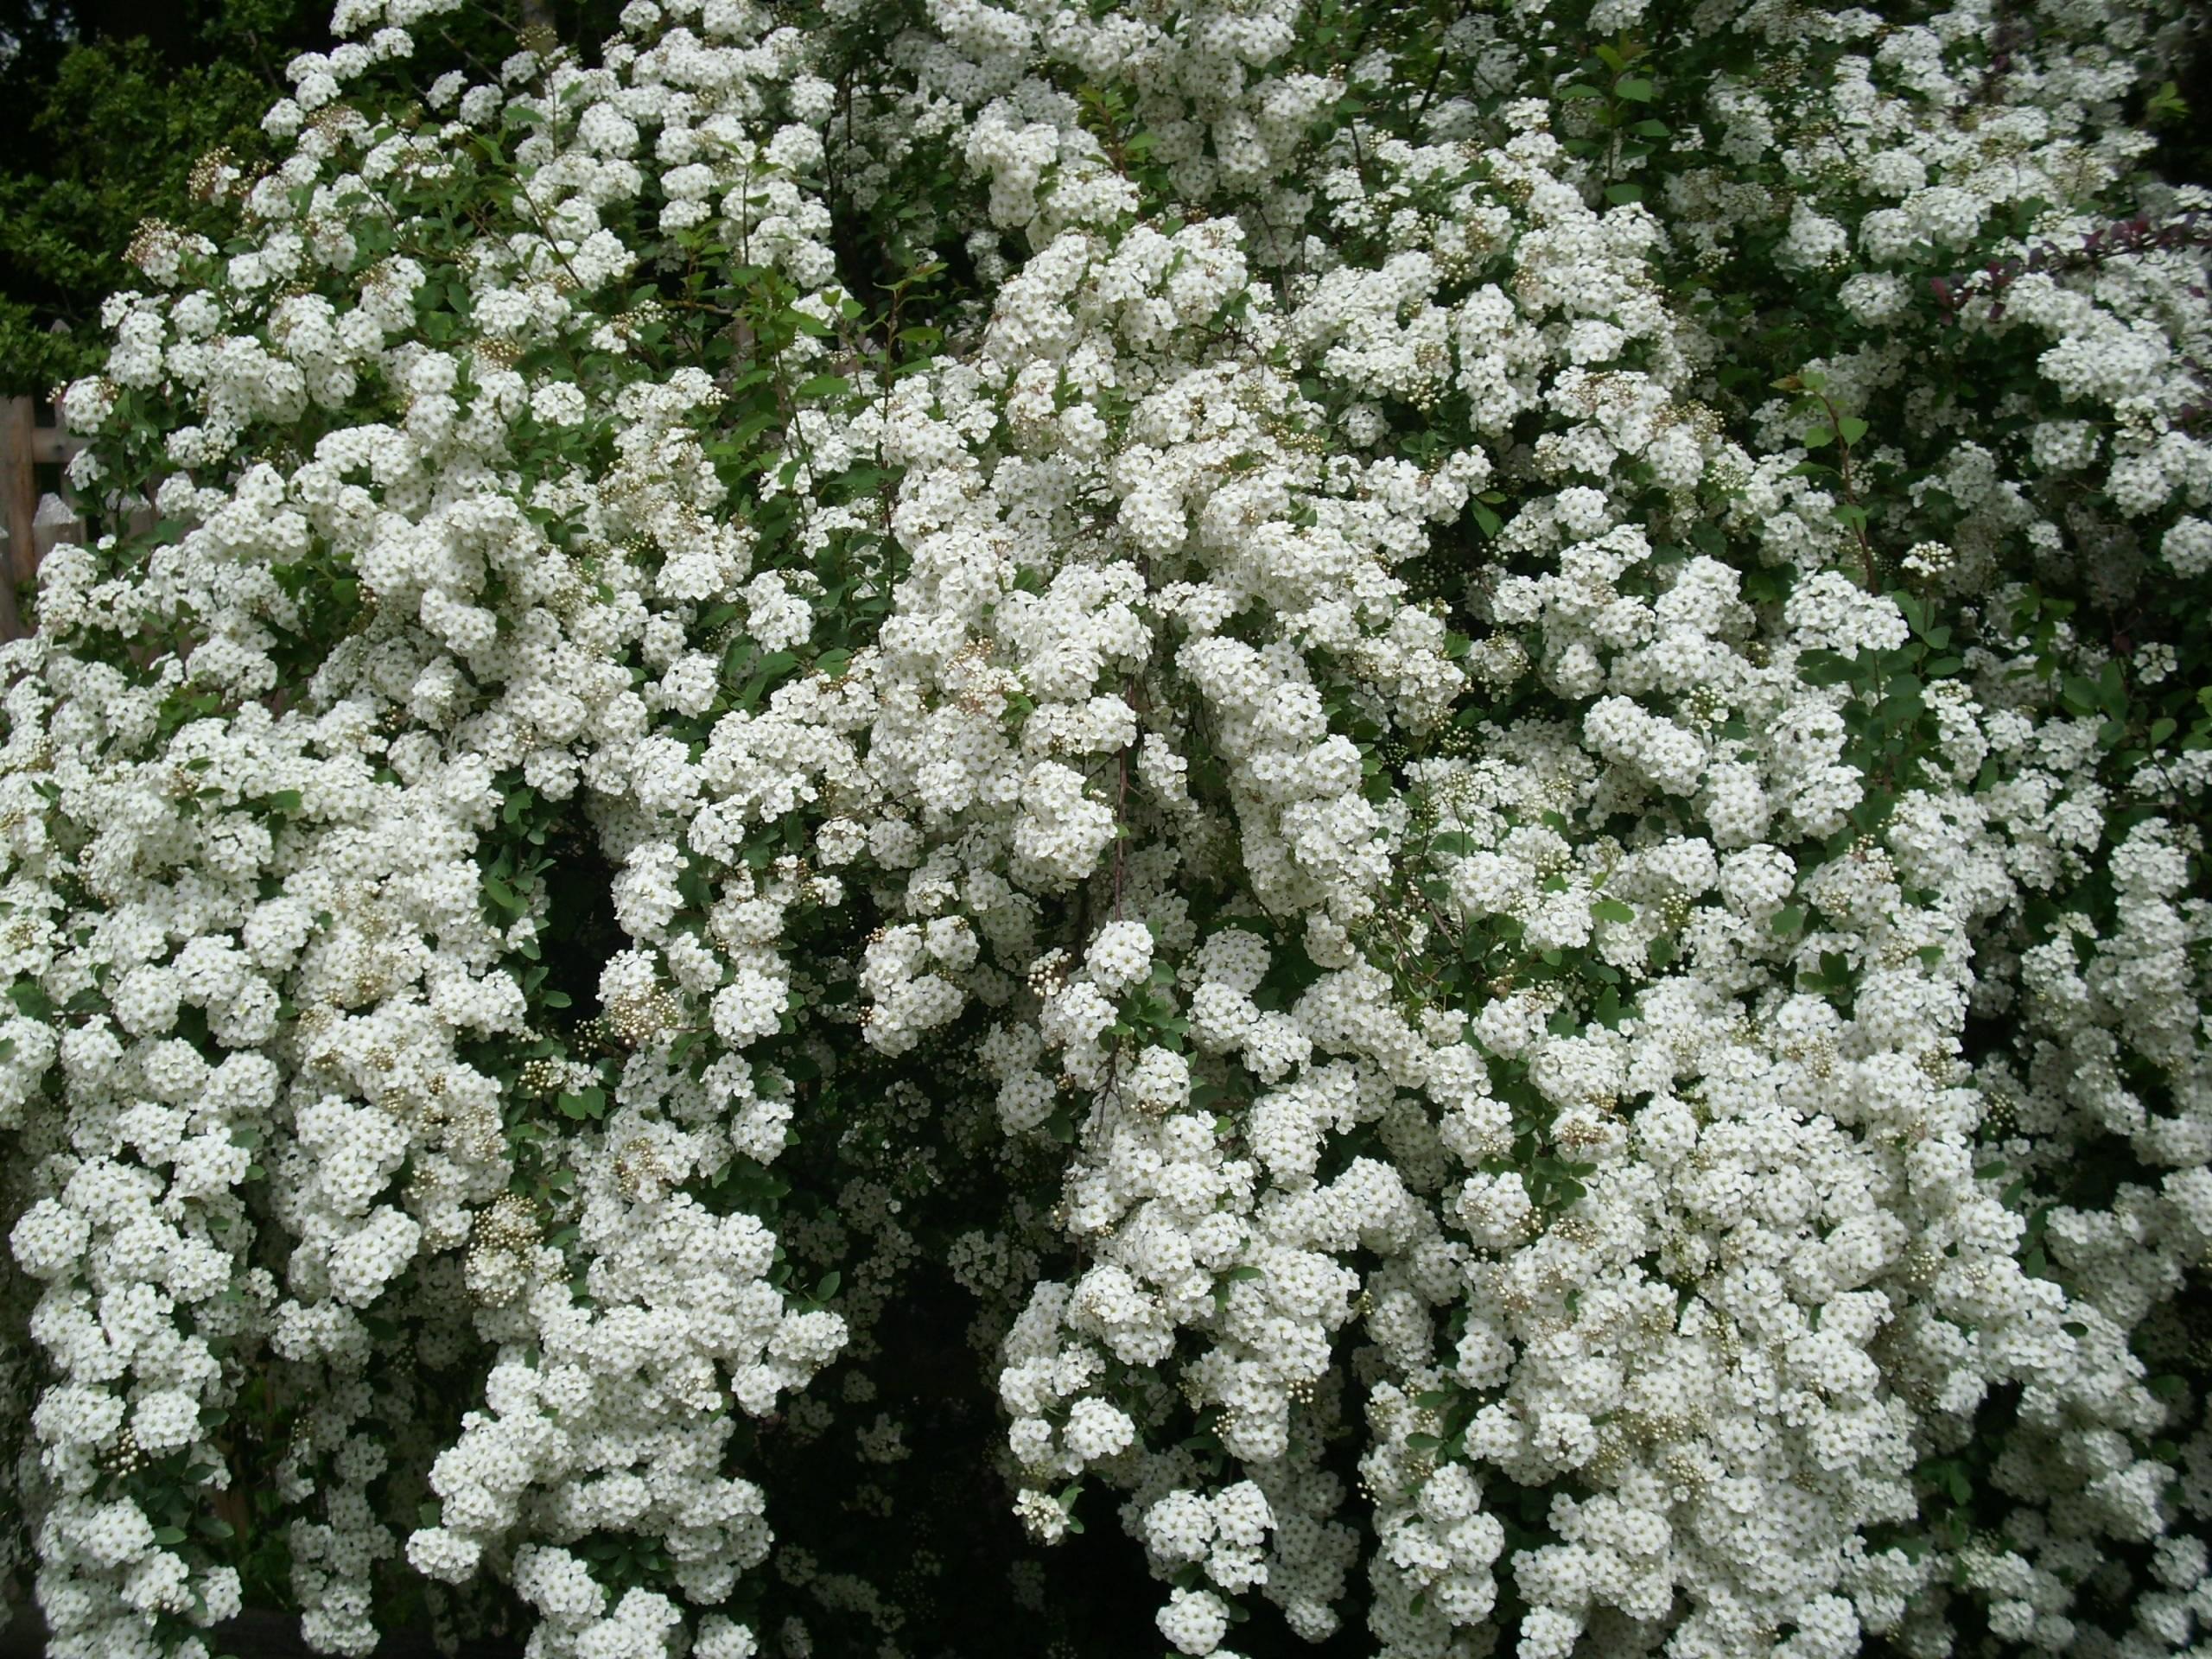 Free Images Landscape Nature White Flower Bloom Bush Spring